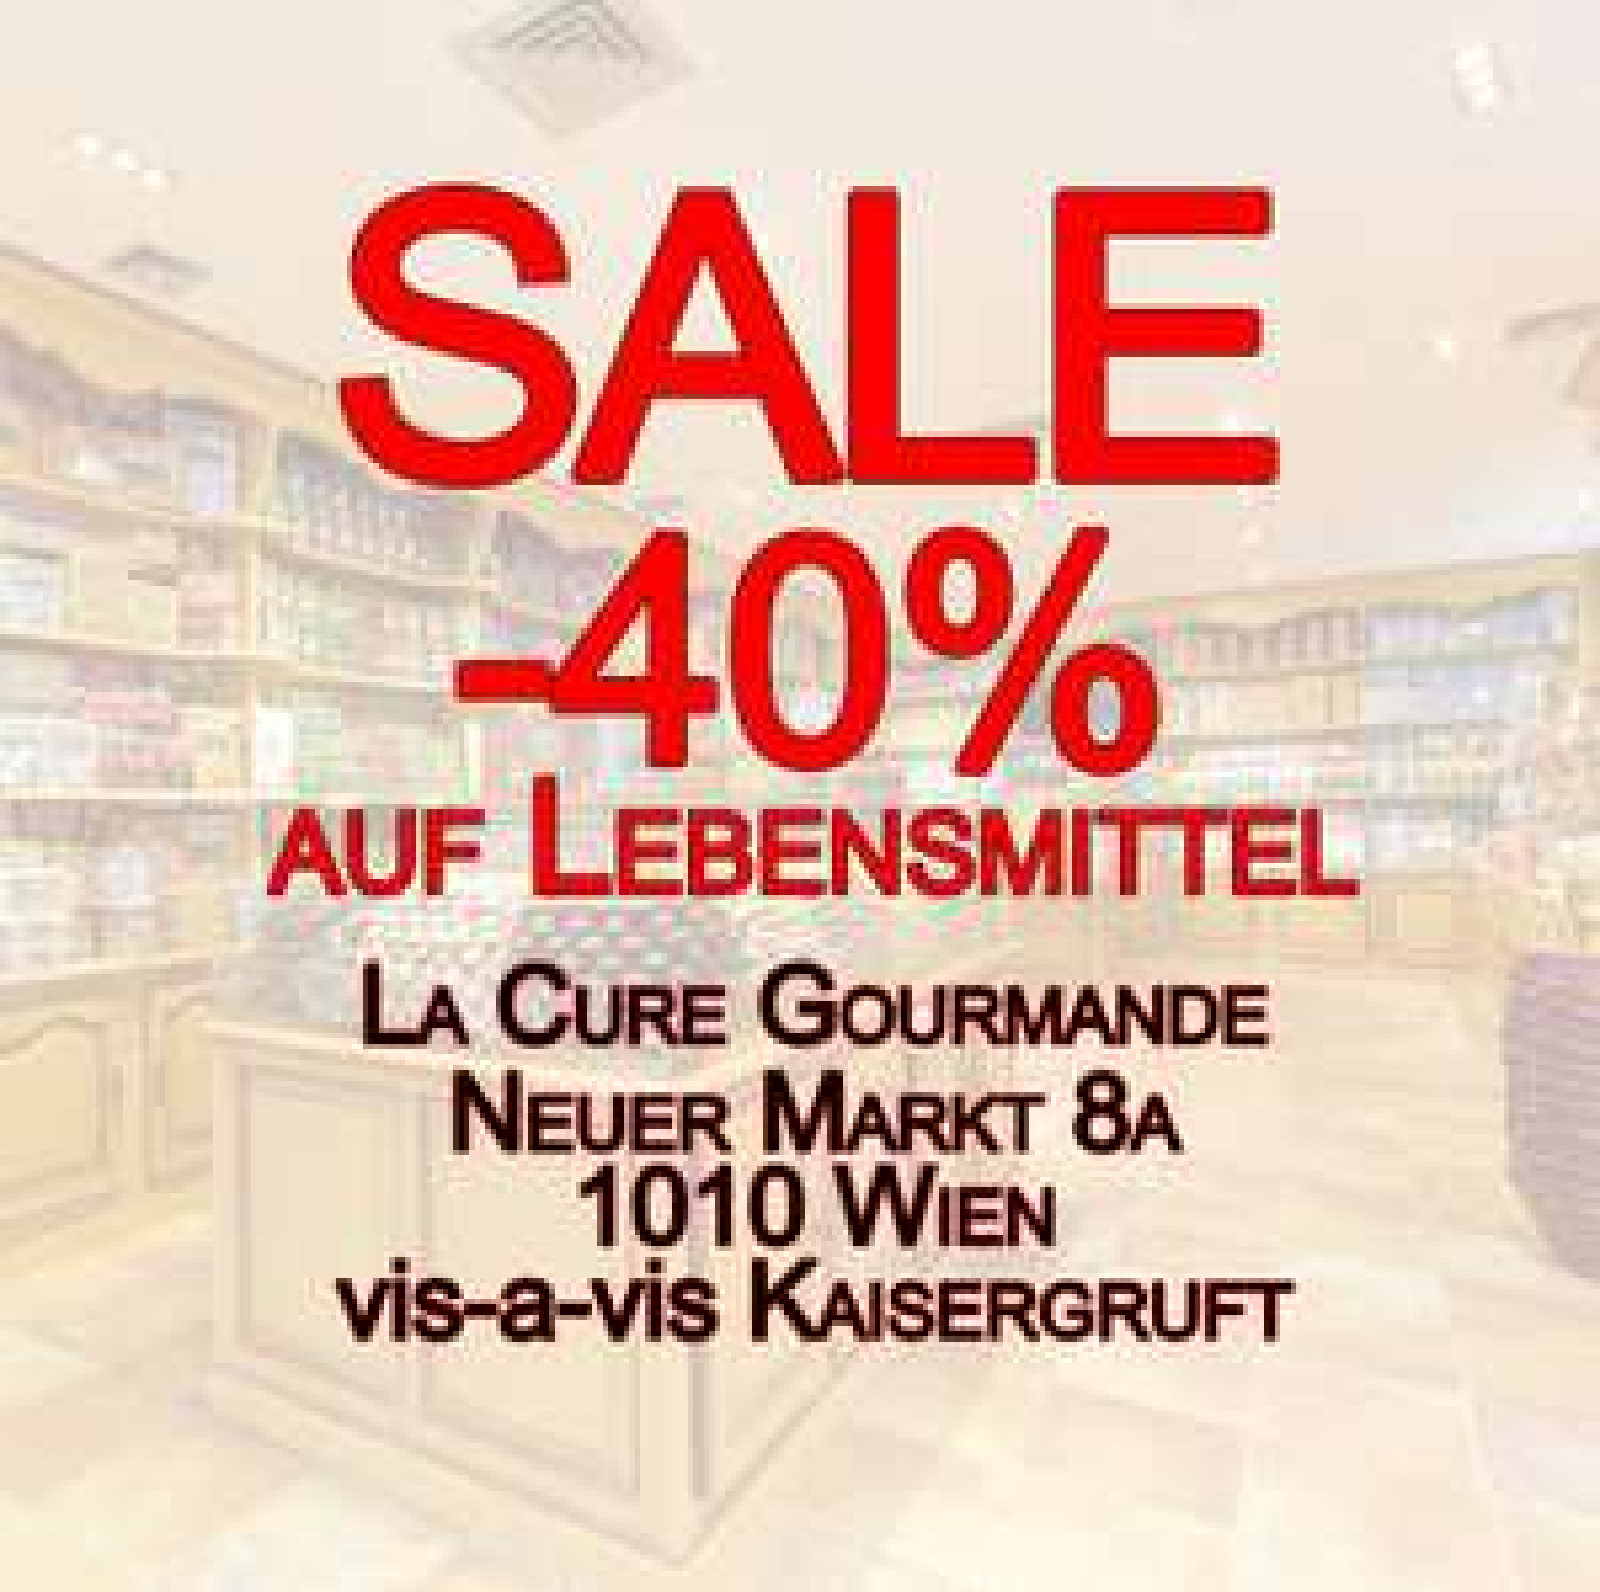 40% Rabatt bei La Cure Gourmande, 1010 Wien